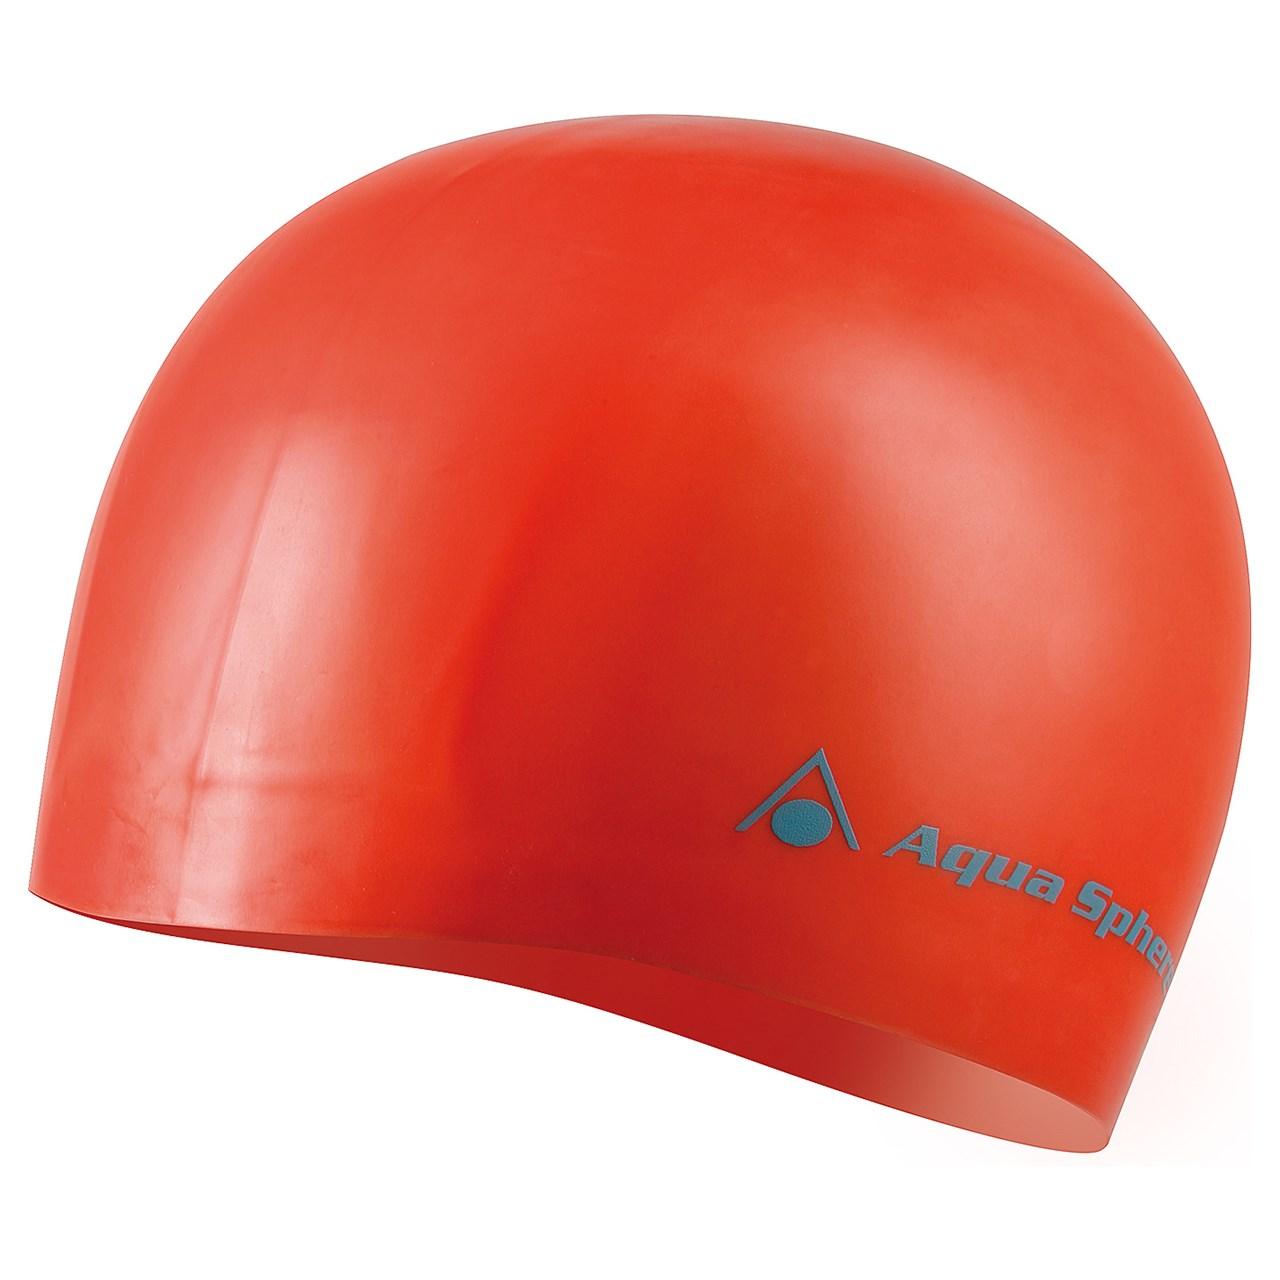 کلاه شنای آکوا اسفیر مدل Volume